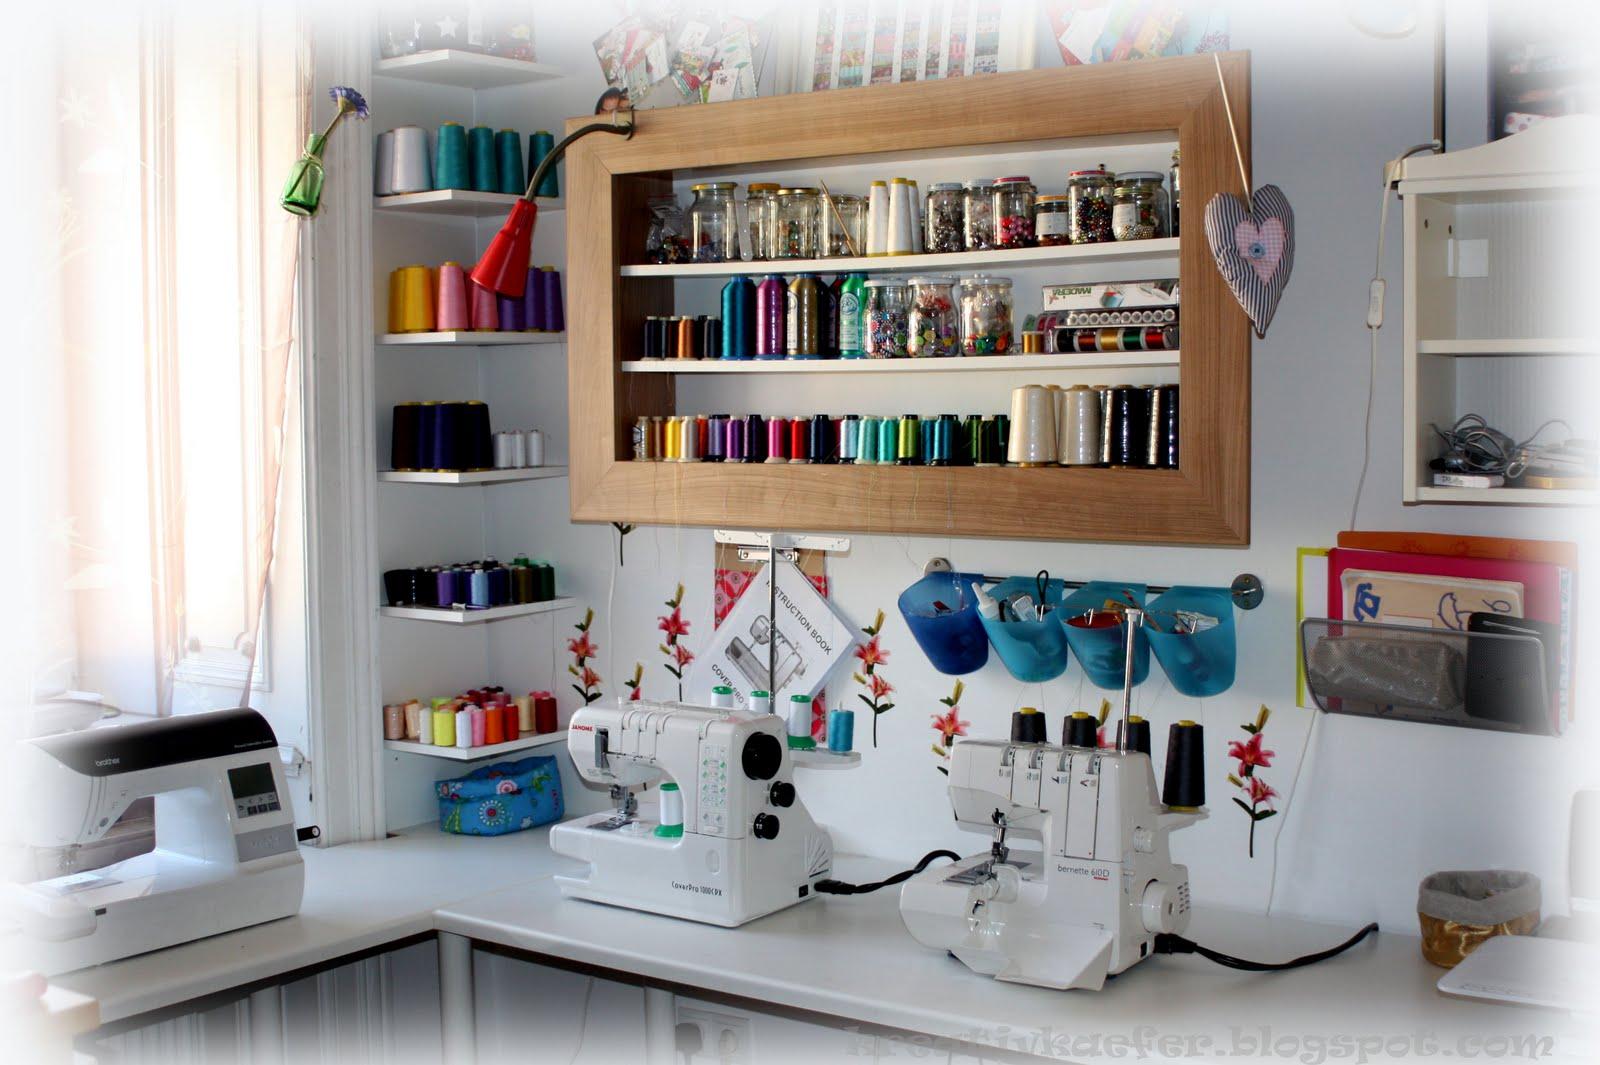 Kreativkäfer: 12von12: mein arbeitszimmer in 12 bildern!